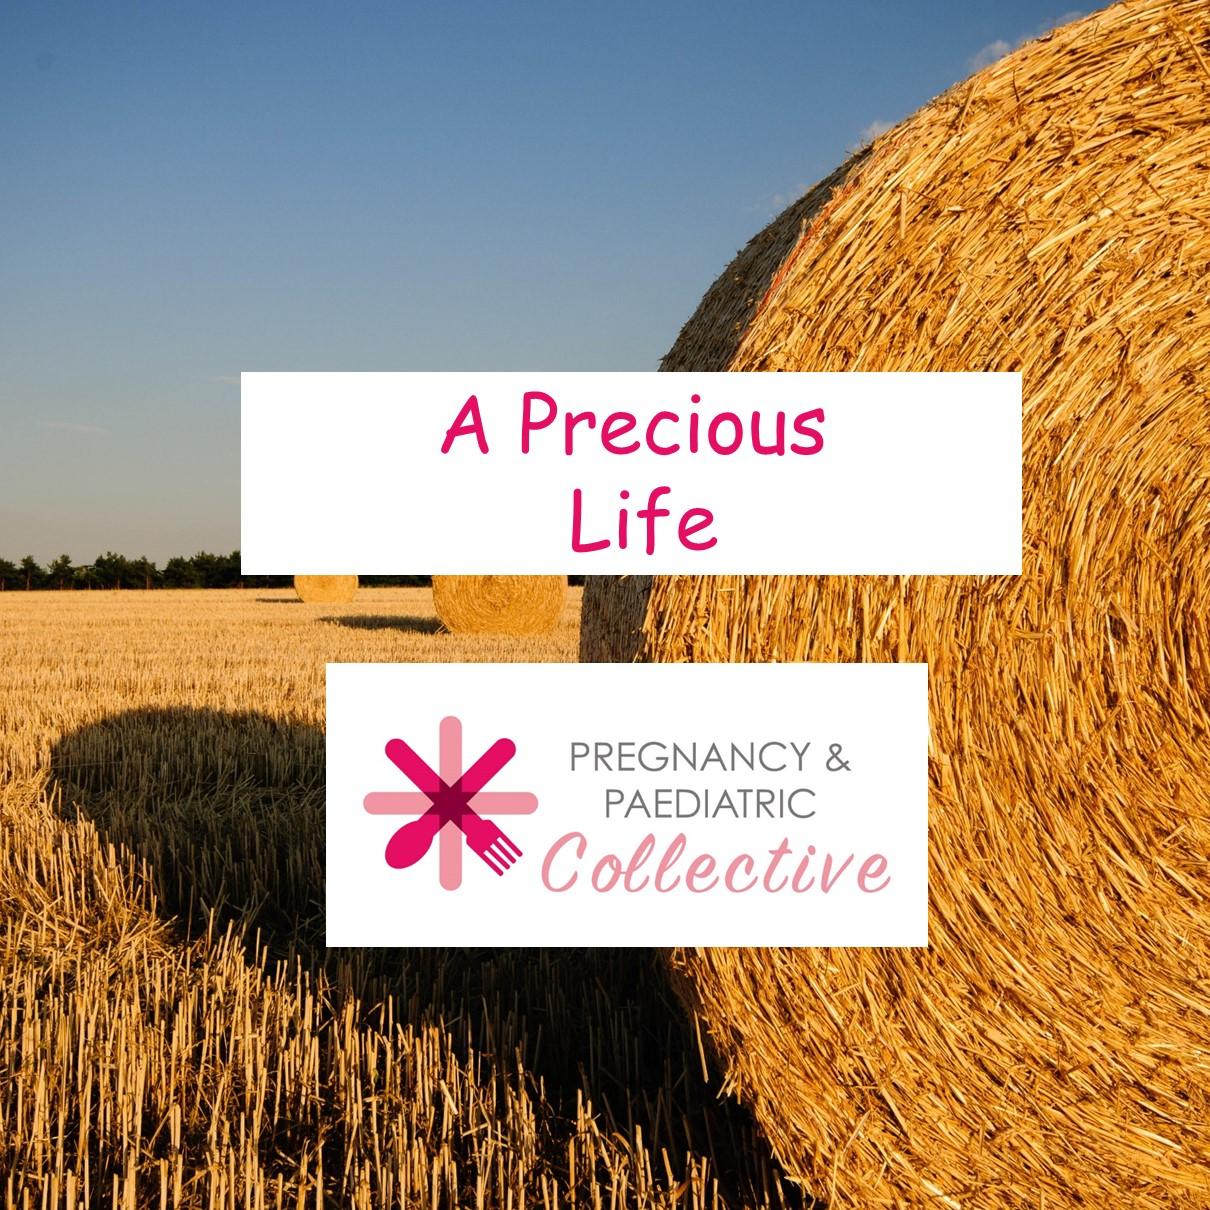 A precious life